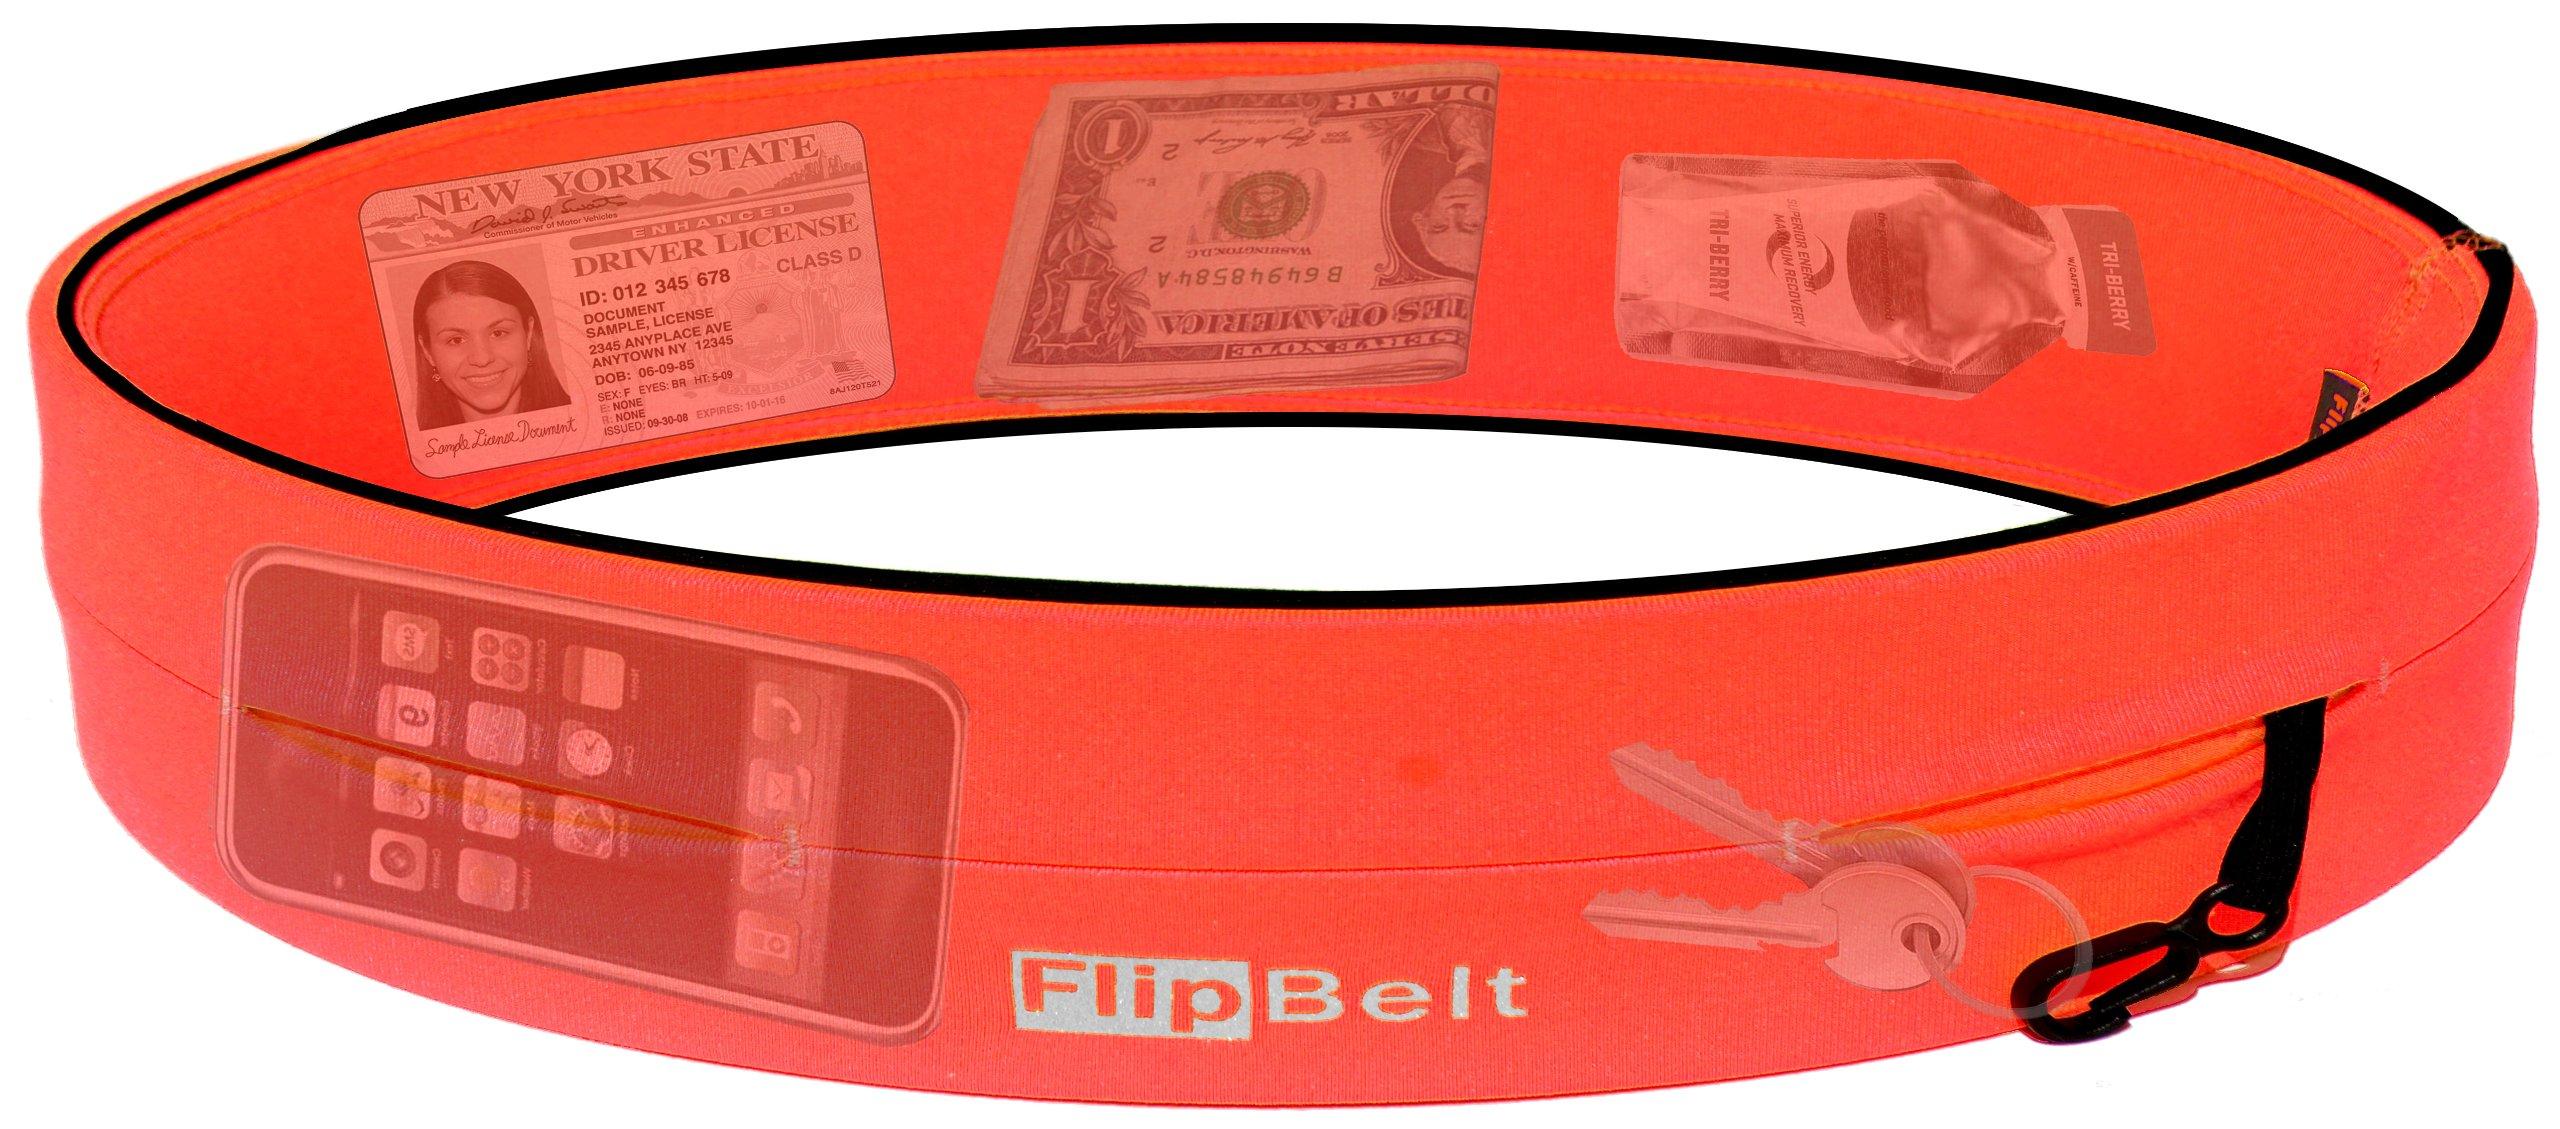 FlipBelt Level Terrain Waist Pouch, Neon Punch, X-Small/22-25'' by FlipBelt (Image #2)